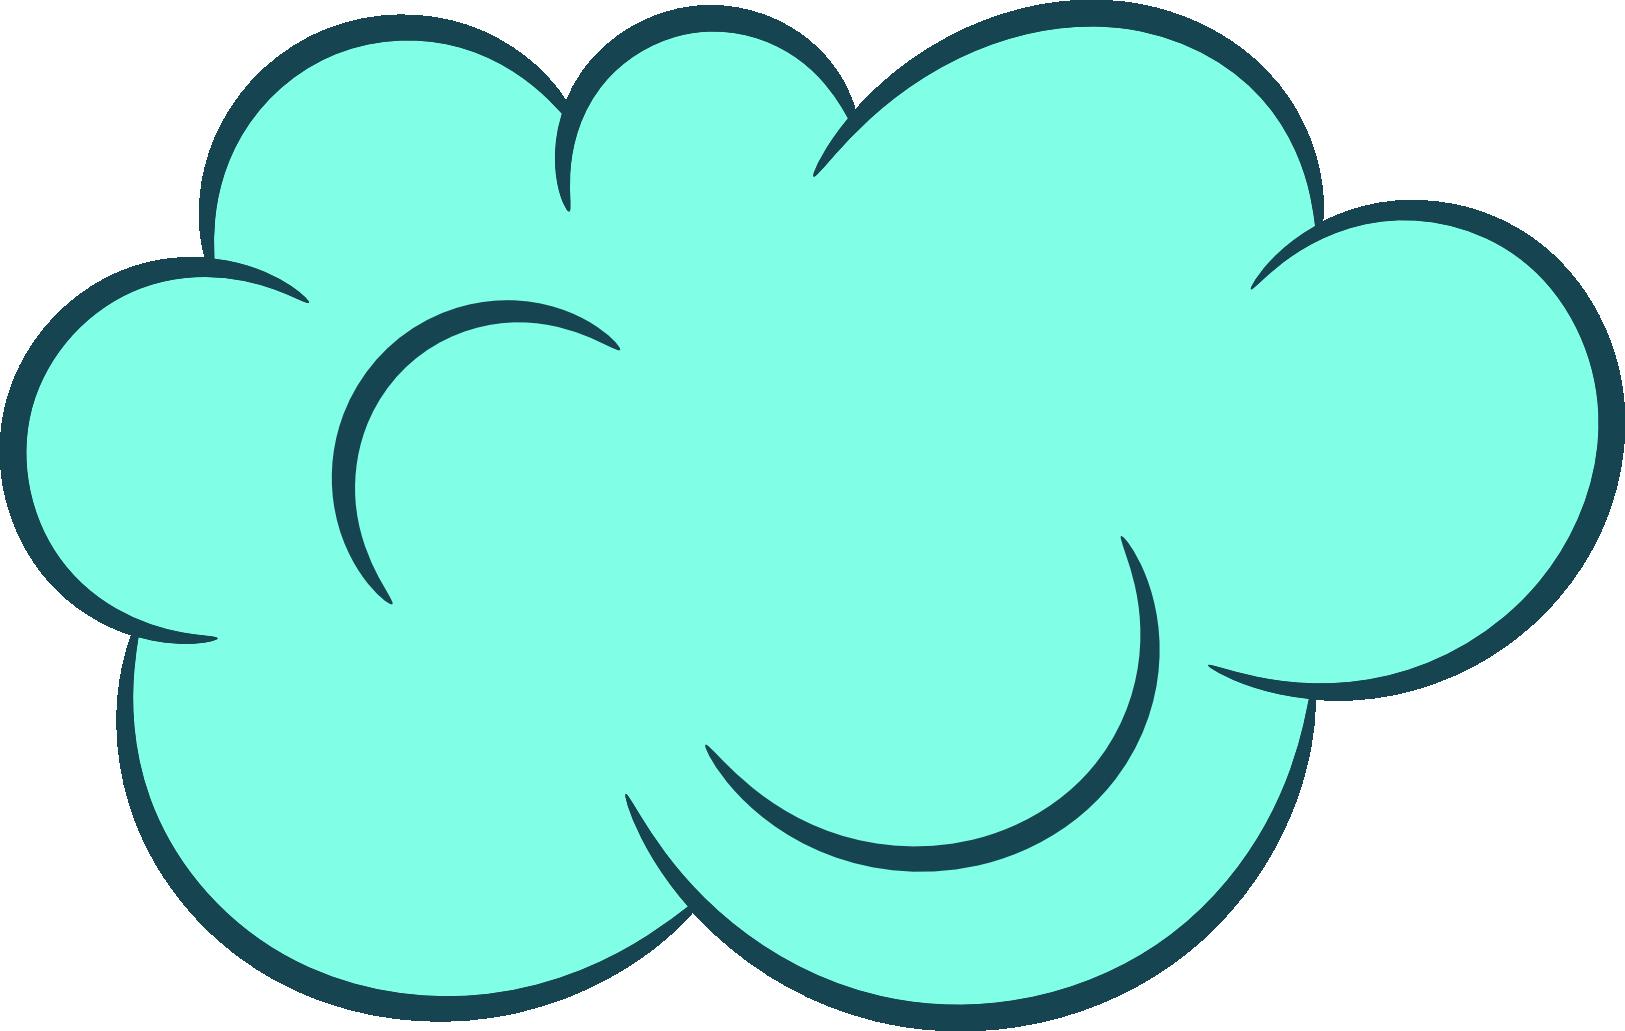 Картинка облака на прозрачном фоне, смешные